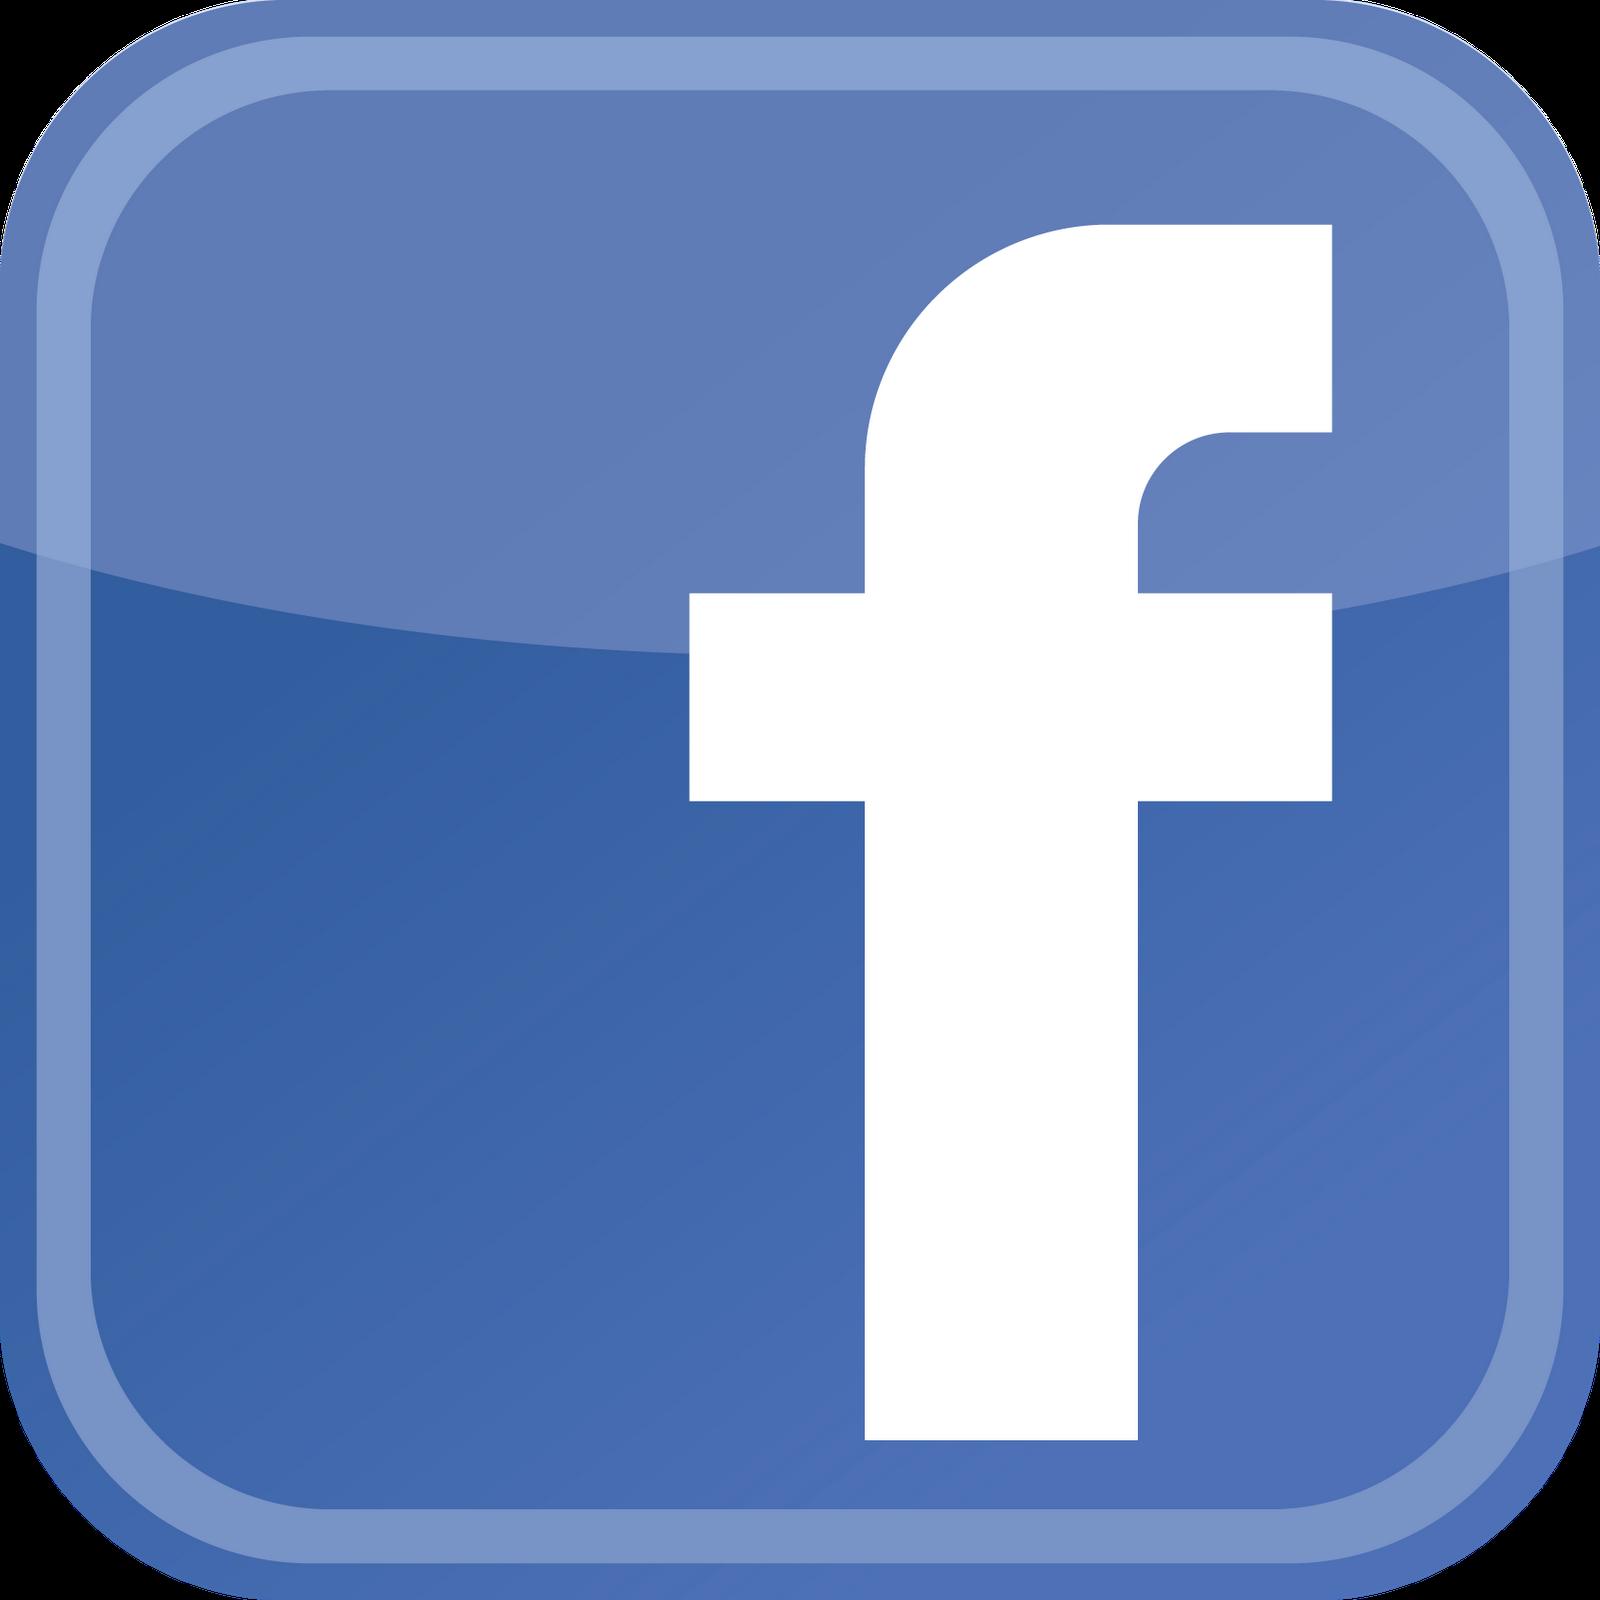 TESTUDOWELT auch bei Facebook